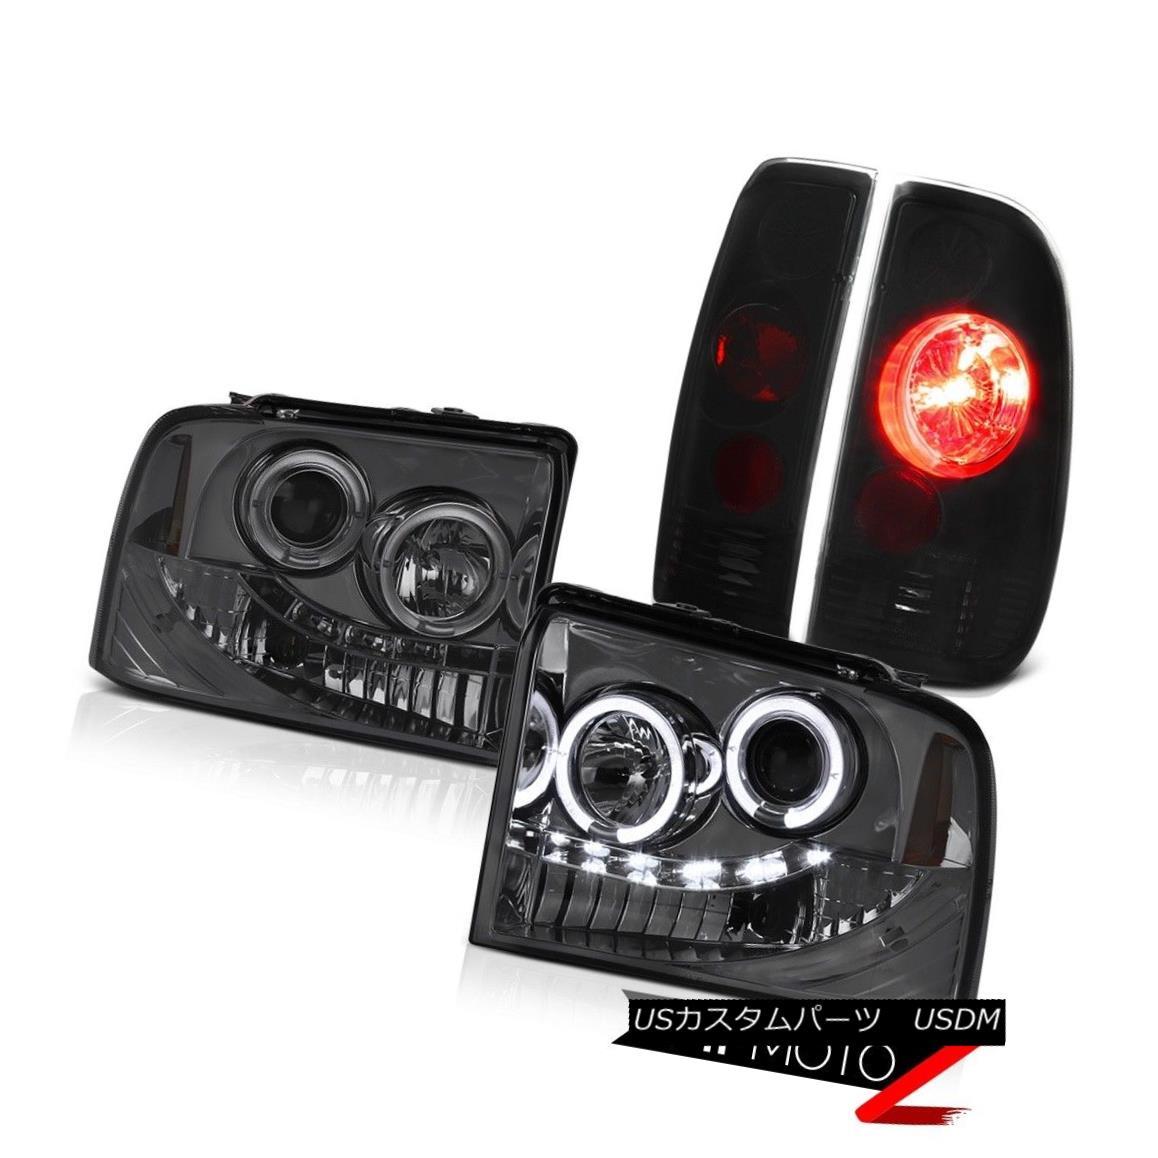 【おまけ付】 テールライト Ford F250 TurboDiesel XLT Headlamp Projector Angel Eye Sinister Black Tail Light フォードF250ターボディーゼルXLTヘッドランププロジェクターAngel Eye Sinisterブラックテールライト, アート静美洞 ee5fba2b